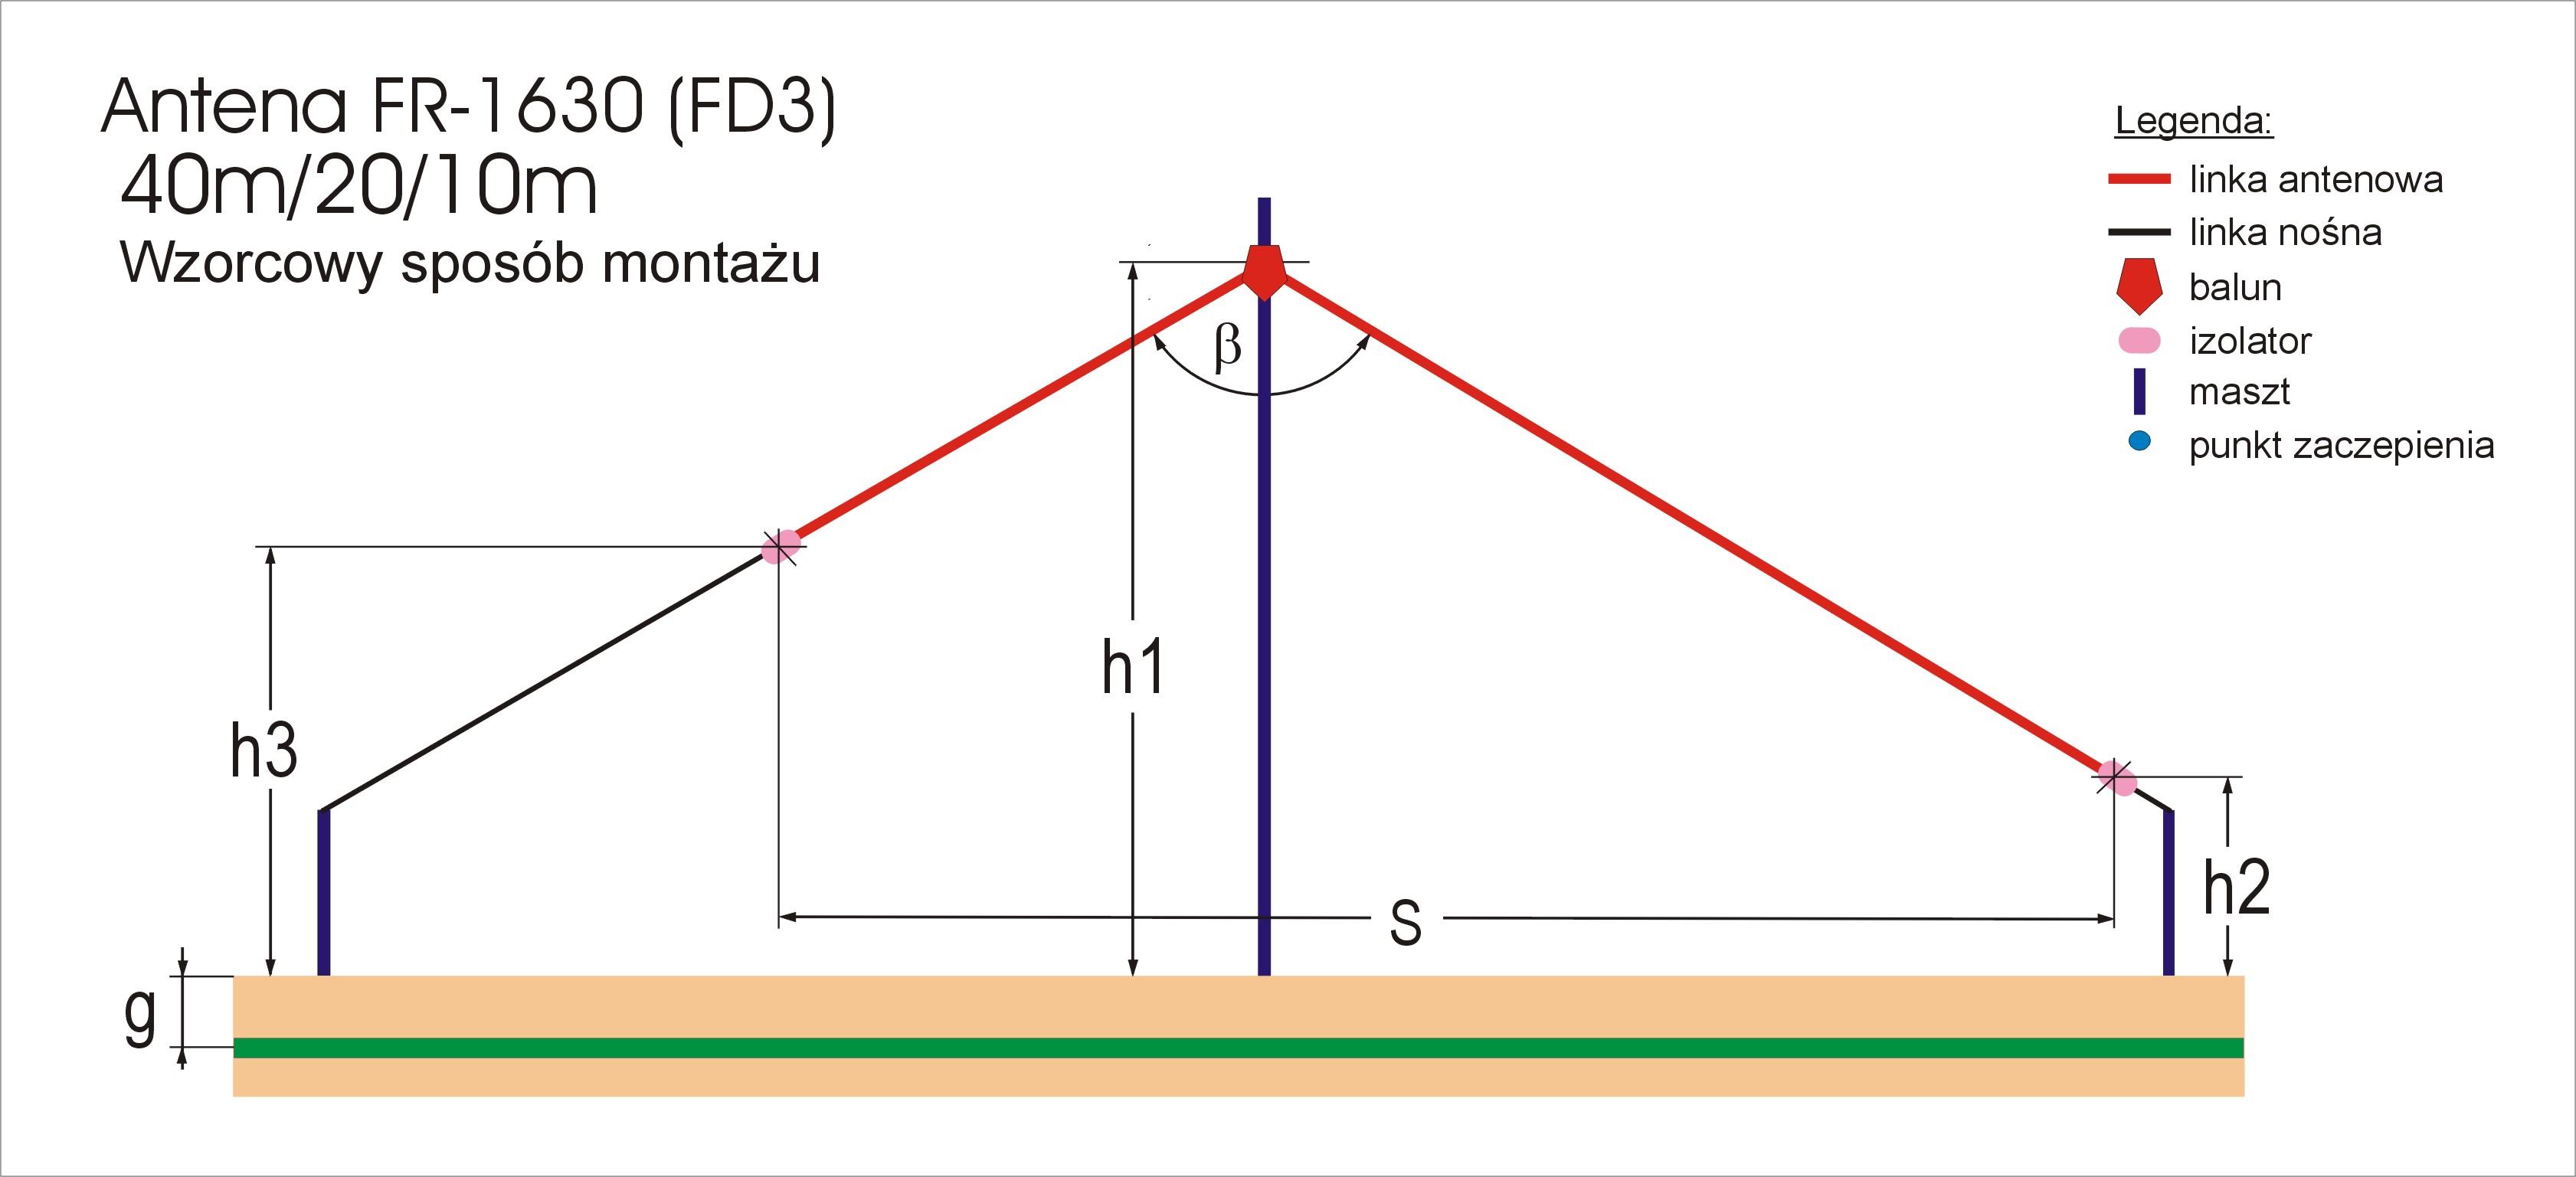 FRITZEL FD3 PDF